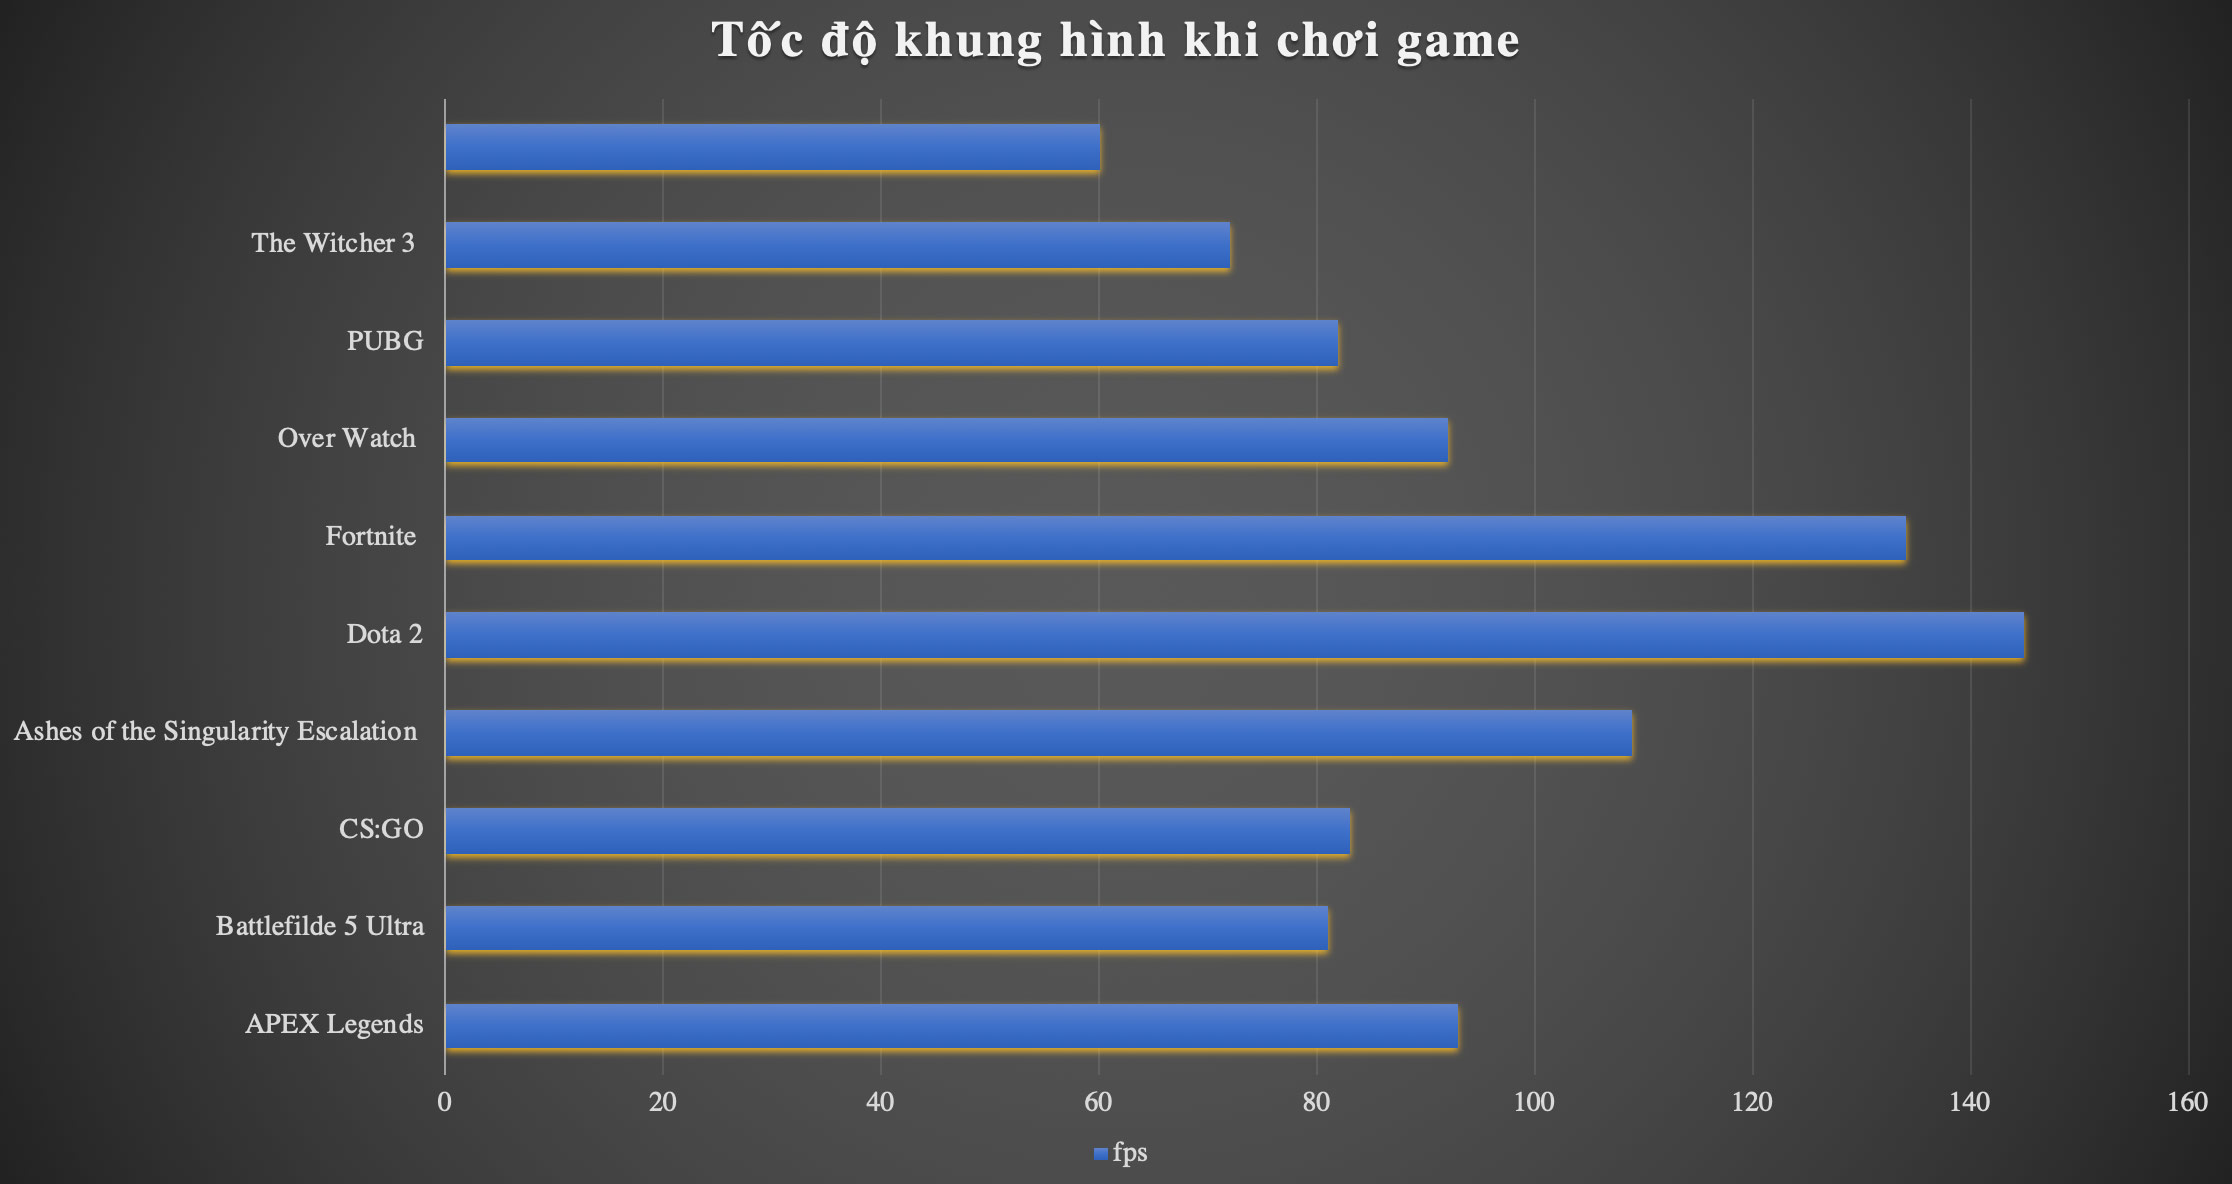 Tốc độ khung hình với các tựa game đình đám hiện nay